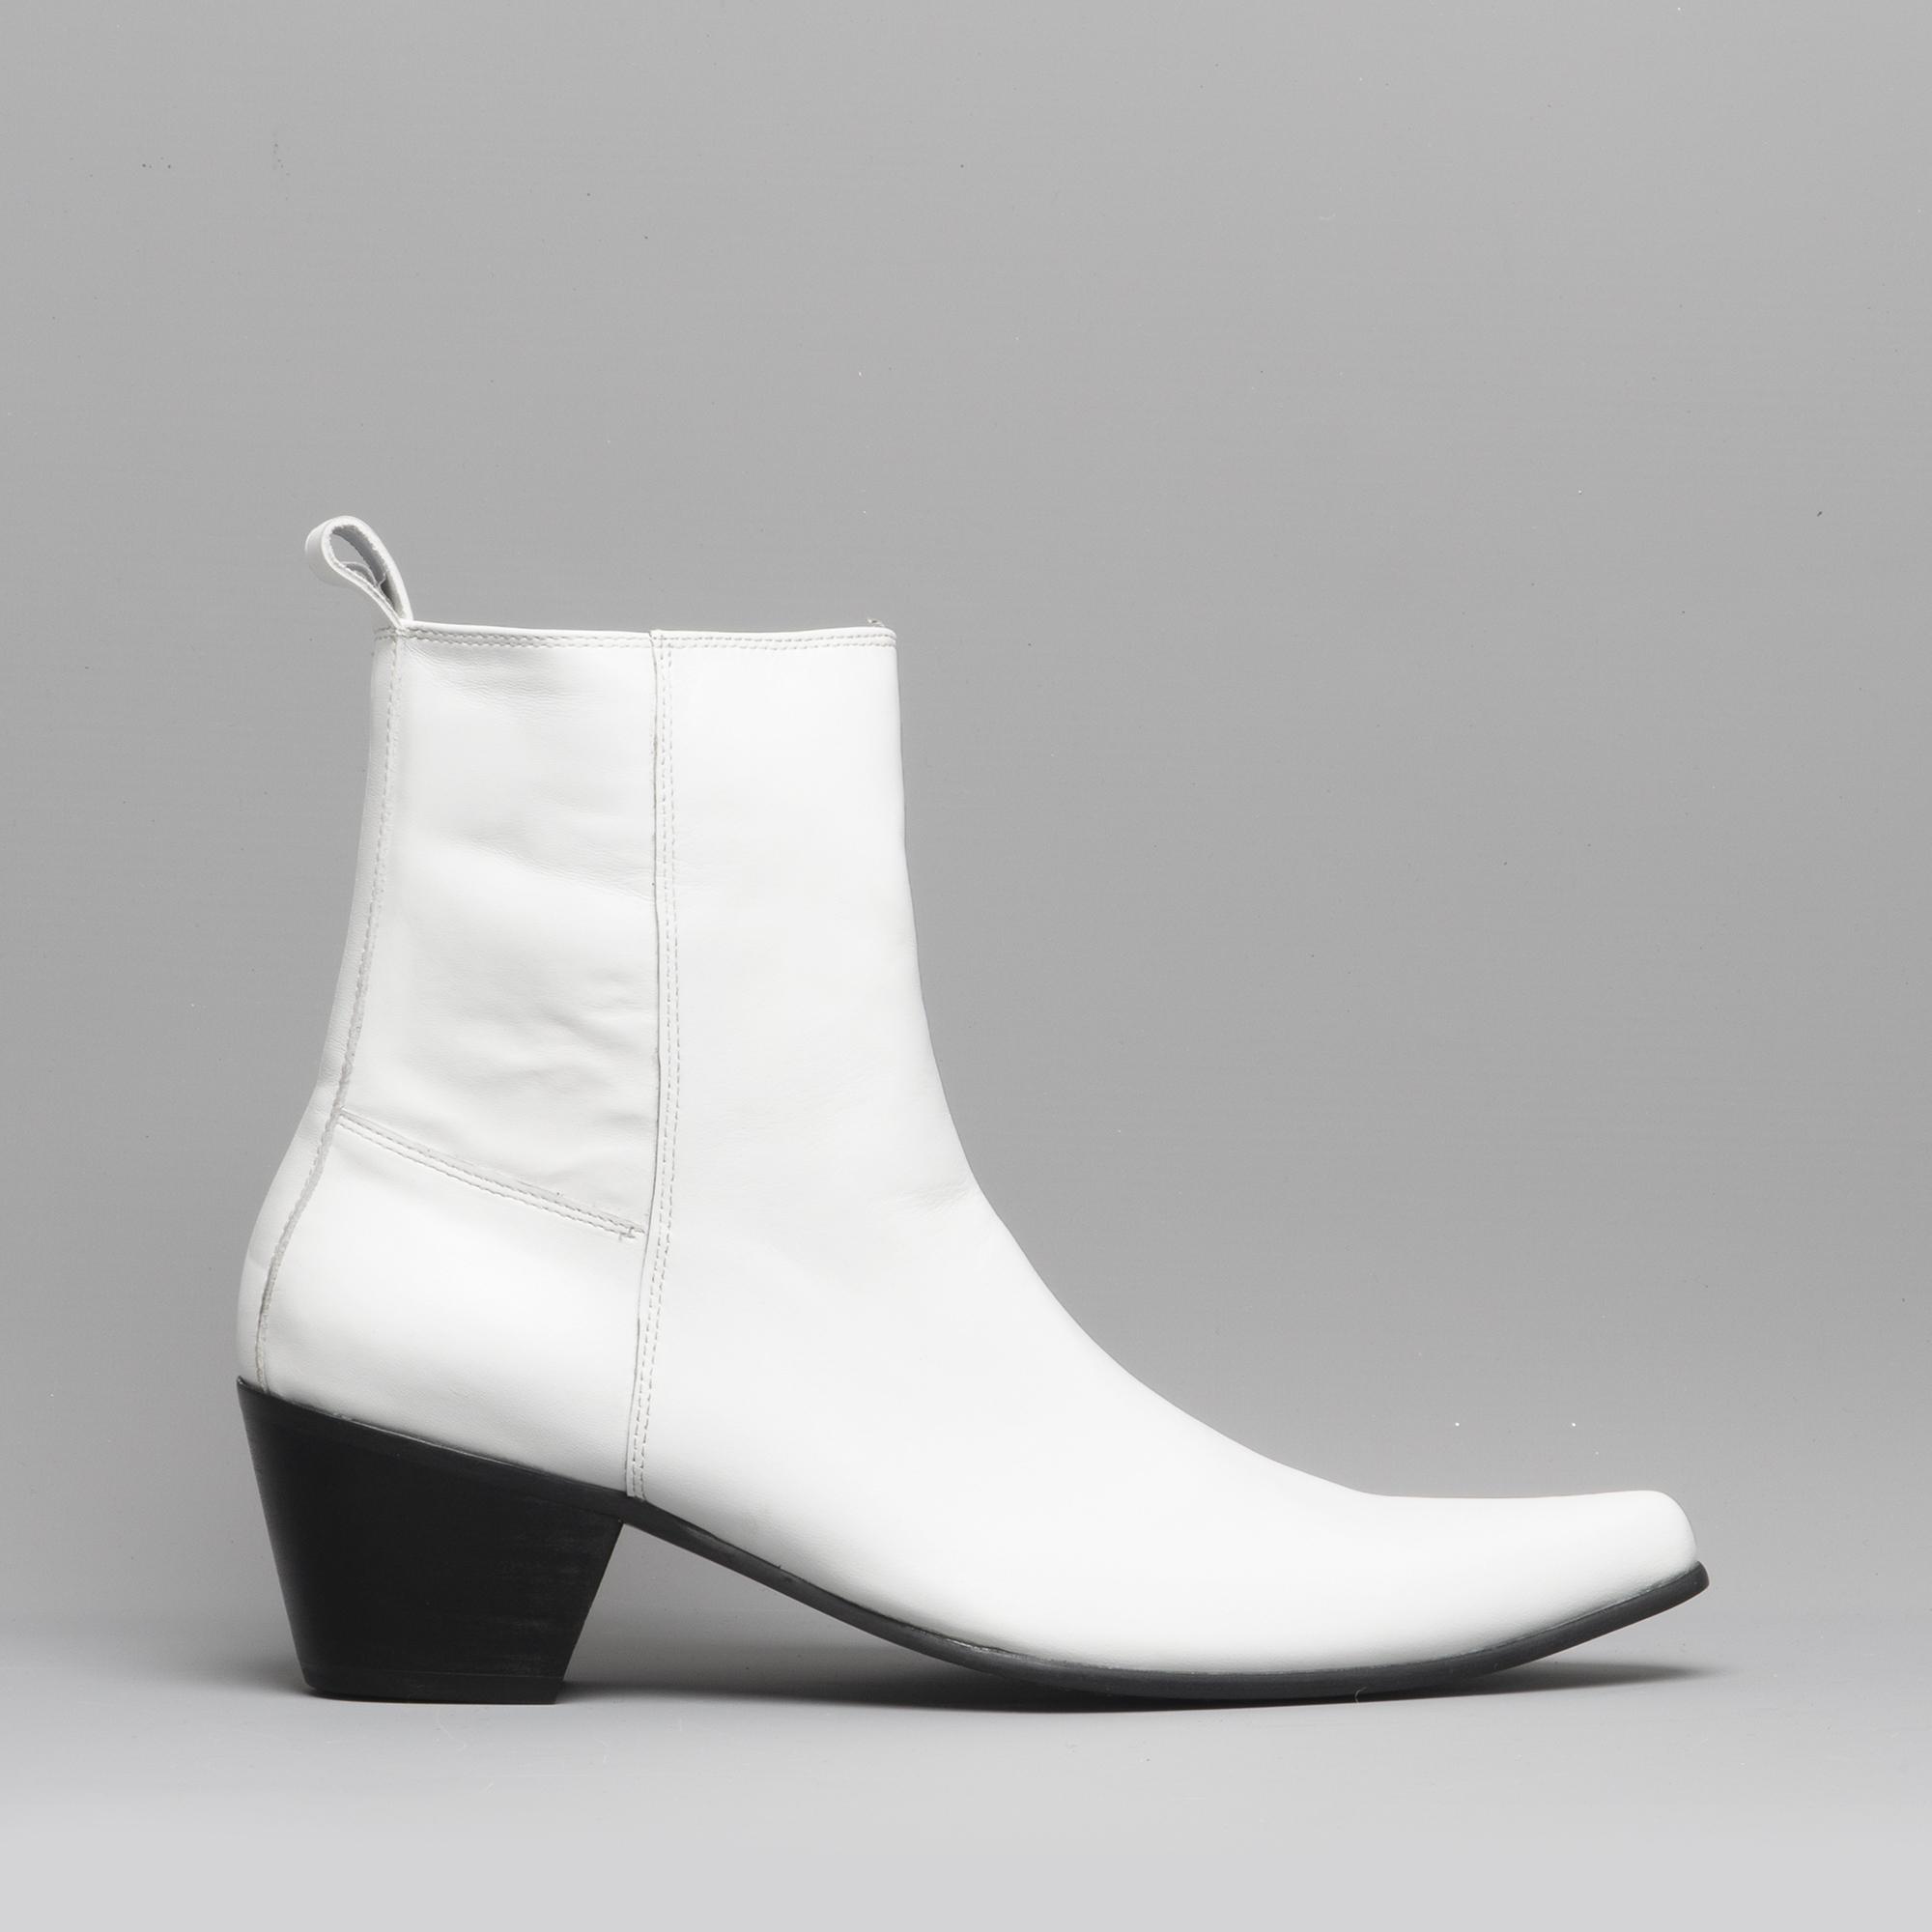 889fc9aacc2 Club Cubano LENNON Mens Leather Winklepicker Cuban Heel Boots White